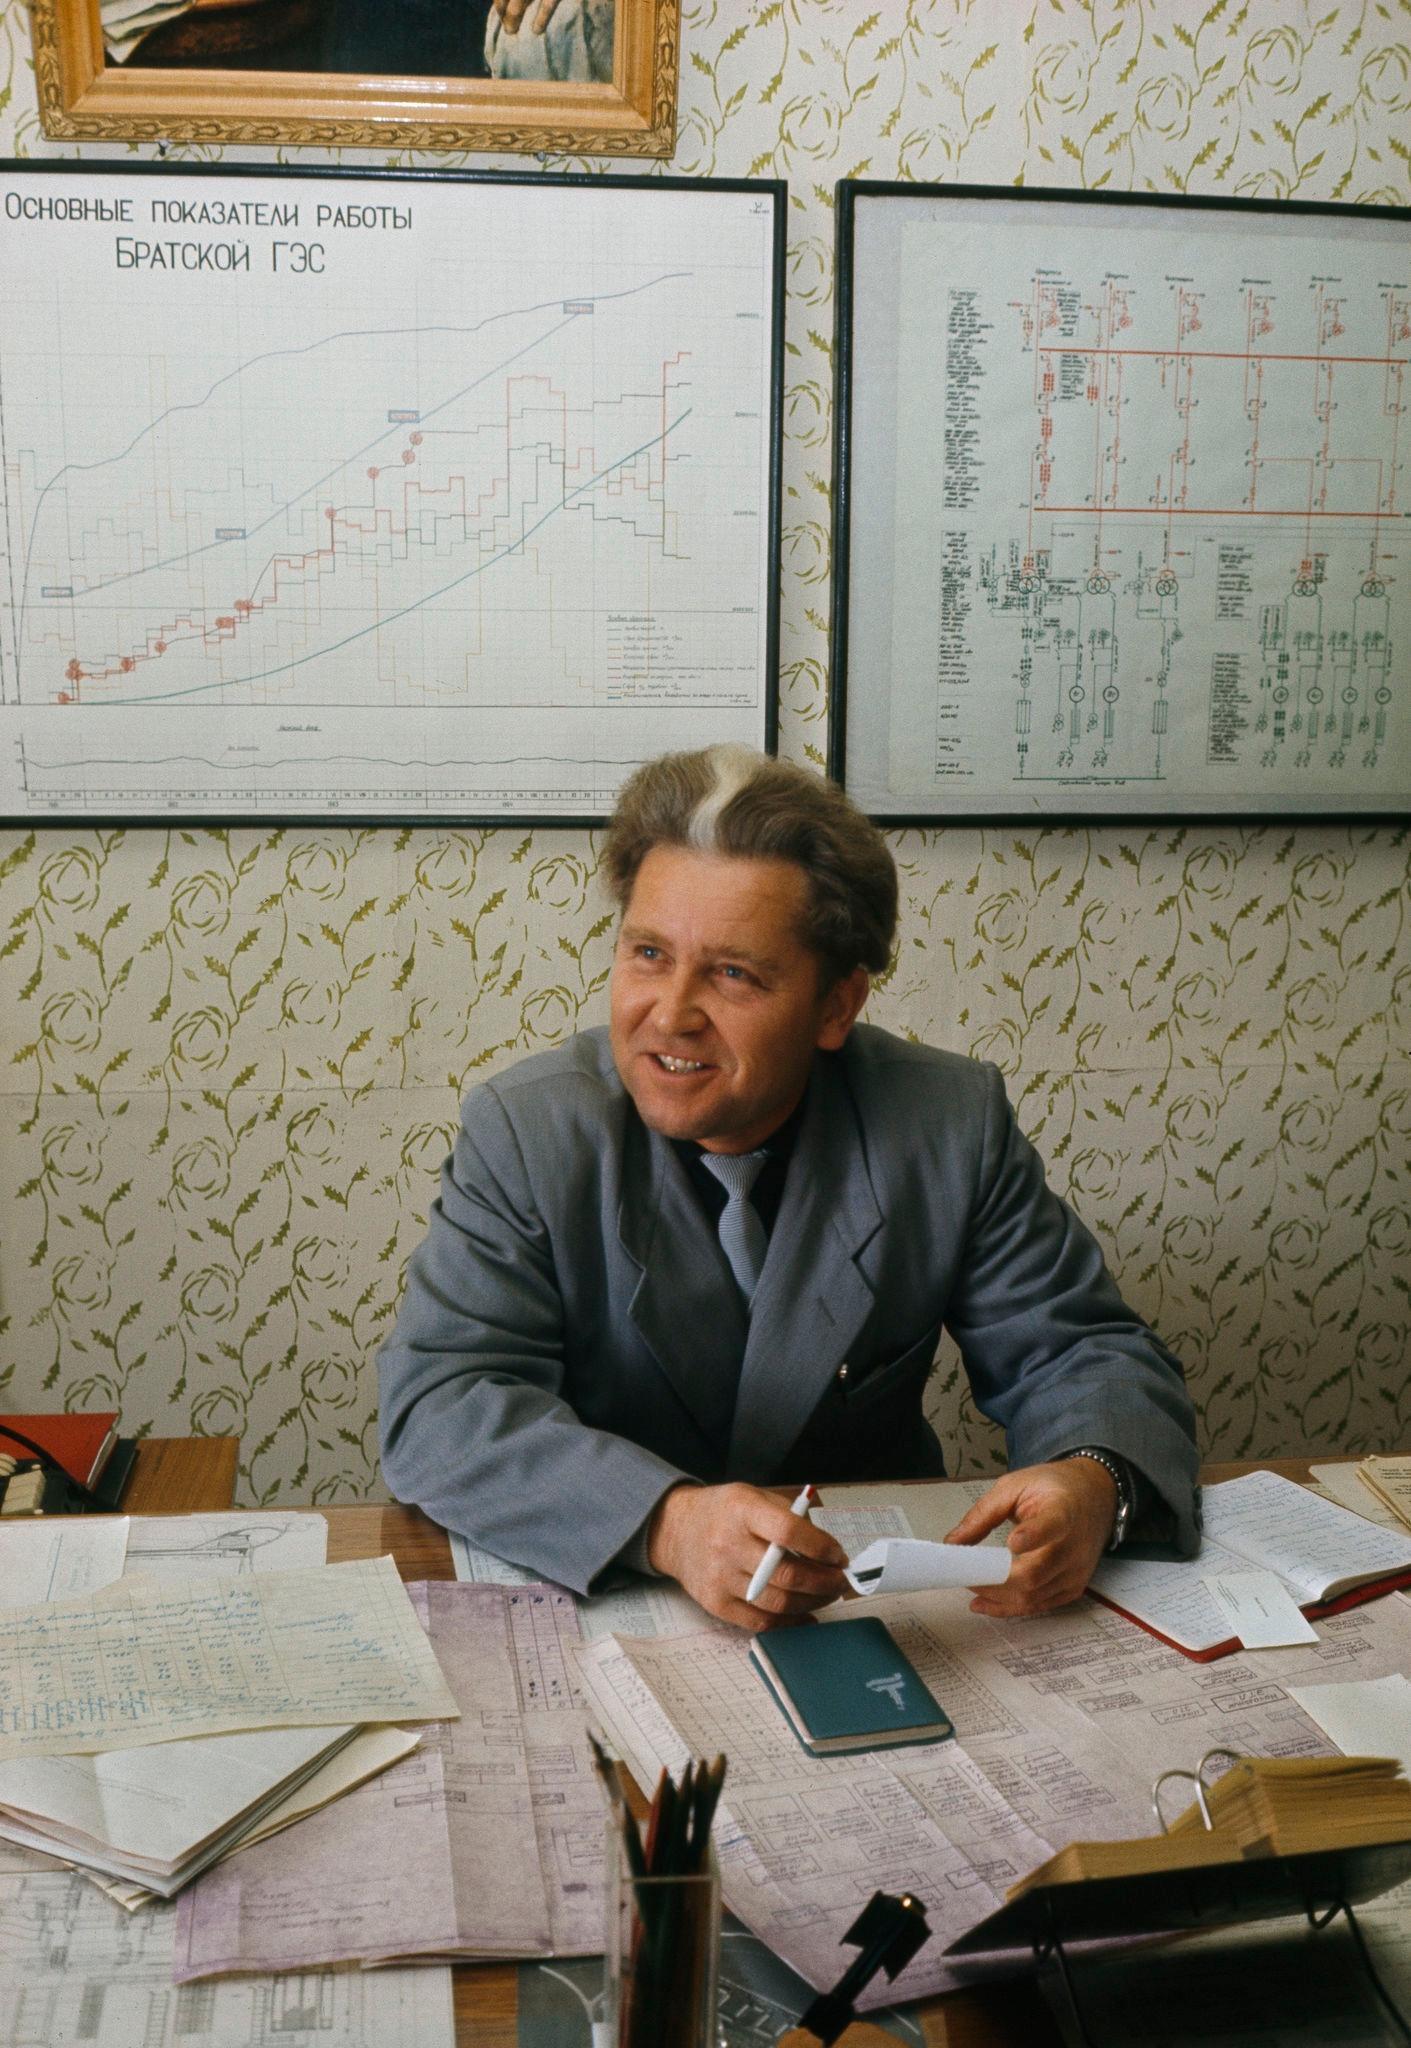 Главный инженер Братской ГЭС.jpg